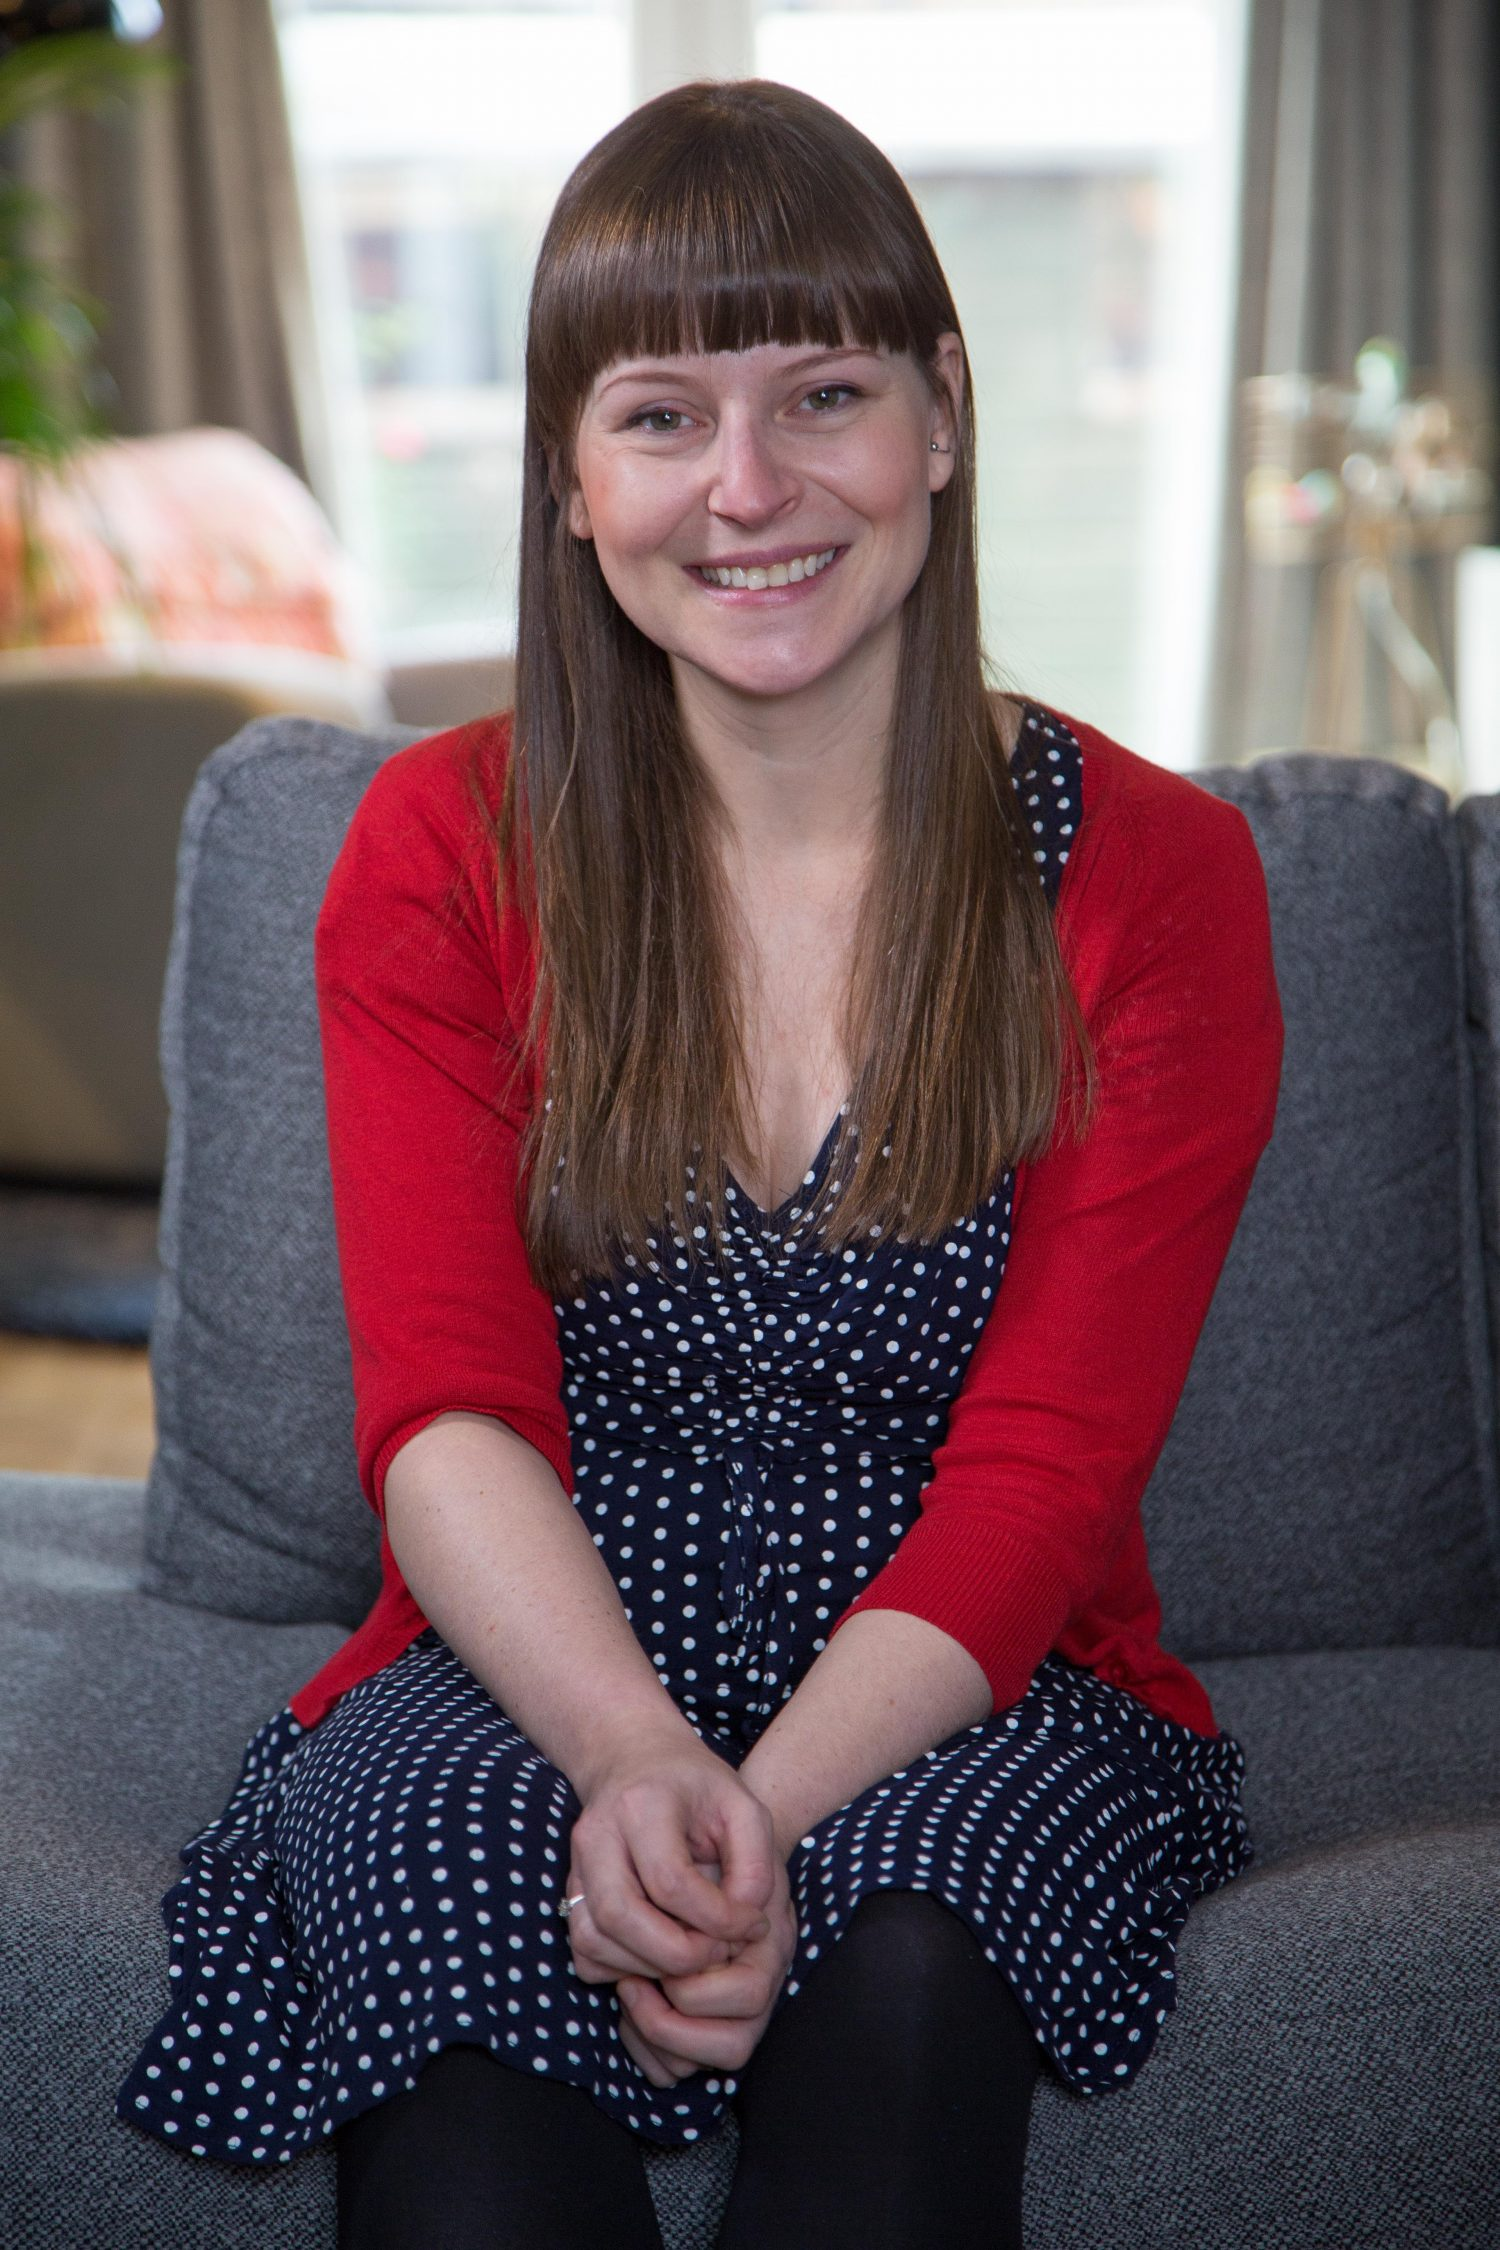 Portrait of young cancer survivor